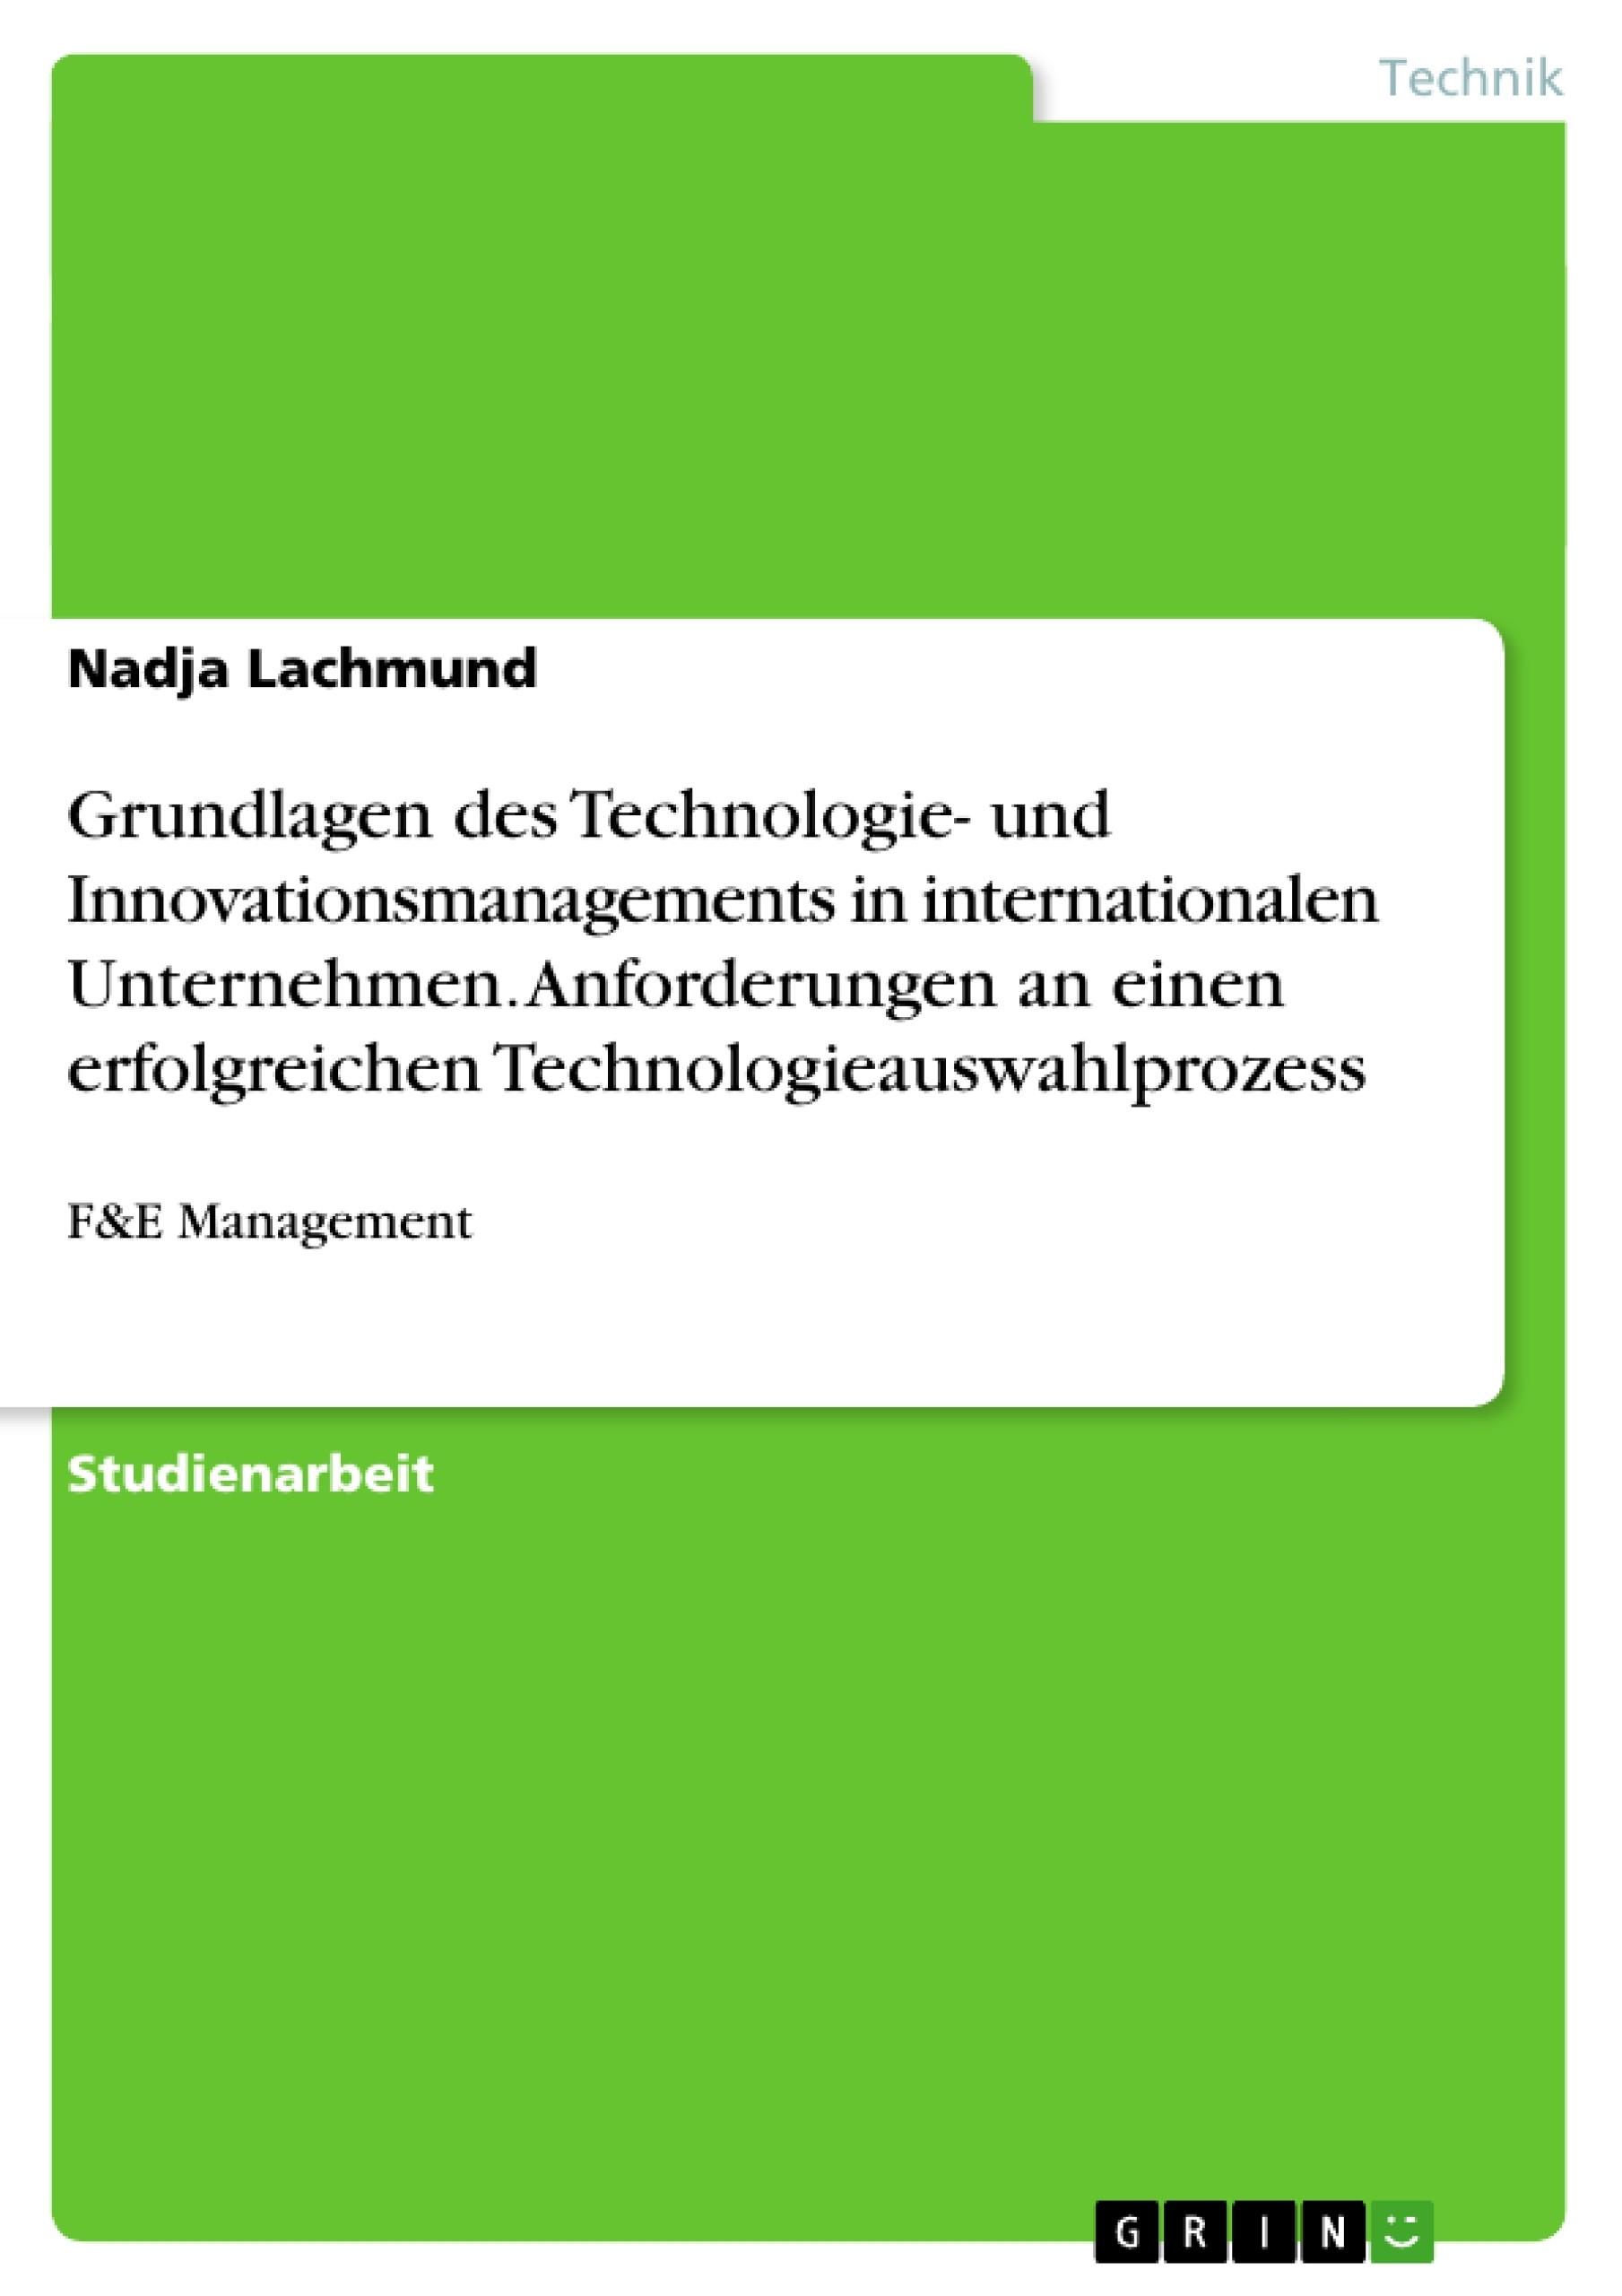 Titel: Grundlagen des Technologie- und Innovationsmanagements in internationalen Unternehmen. Anforderungen an einen erfolgreichen Technologieauswahlprozess